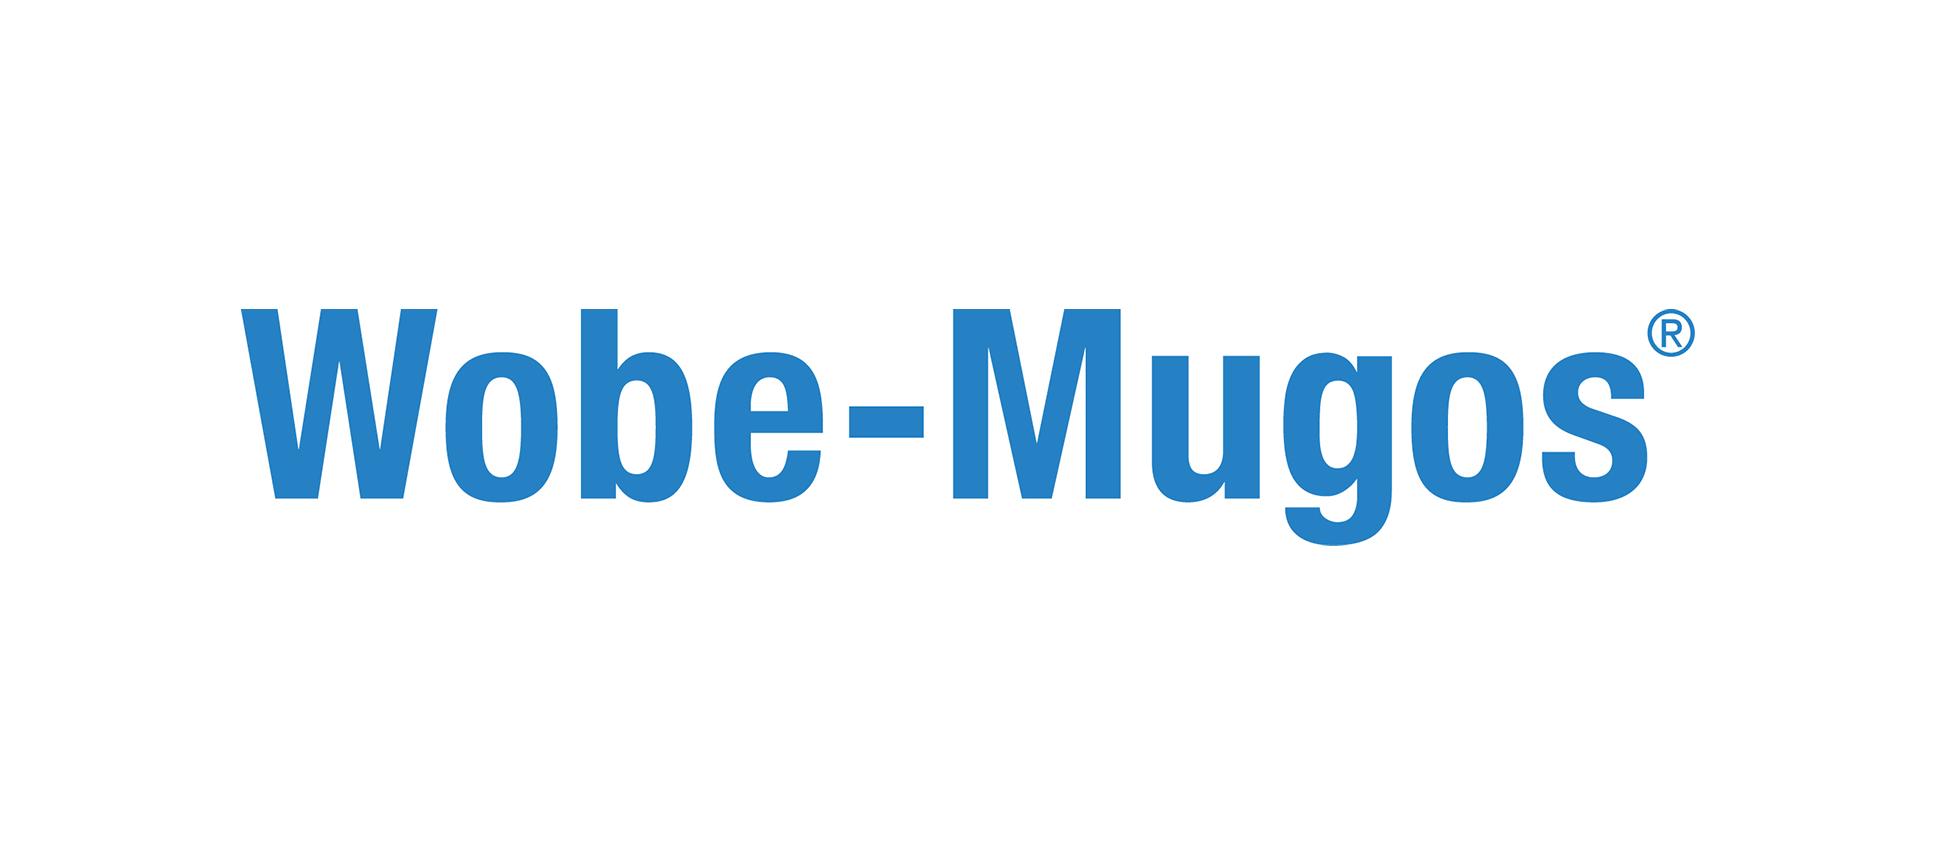 Wobemugos logo